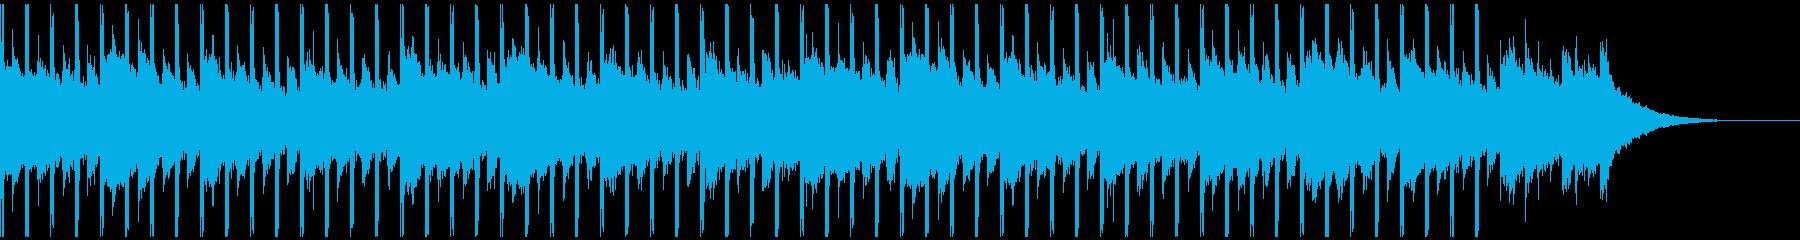 これは情報です(30秒)の再生済みの波形